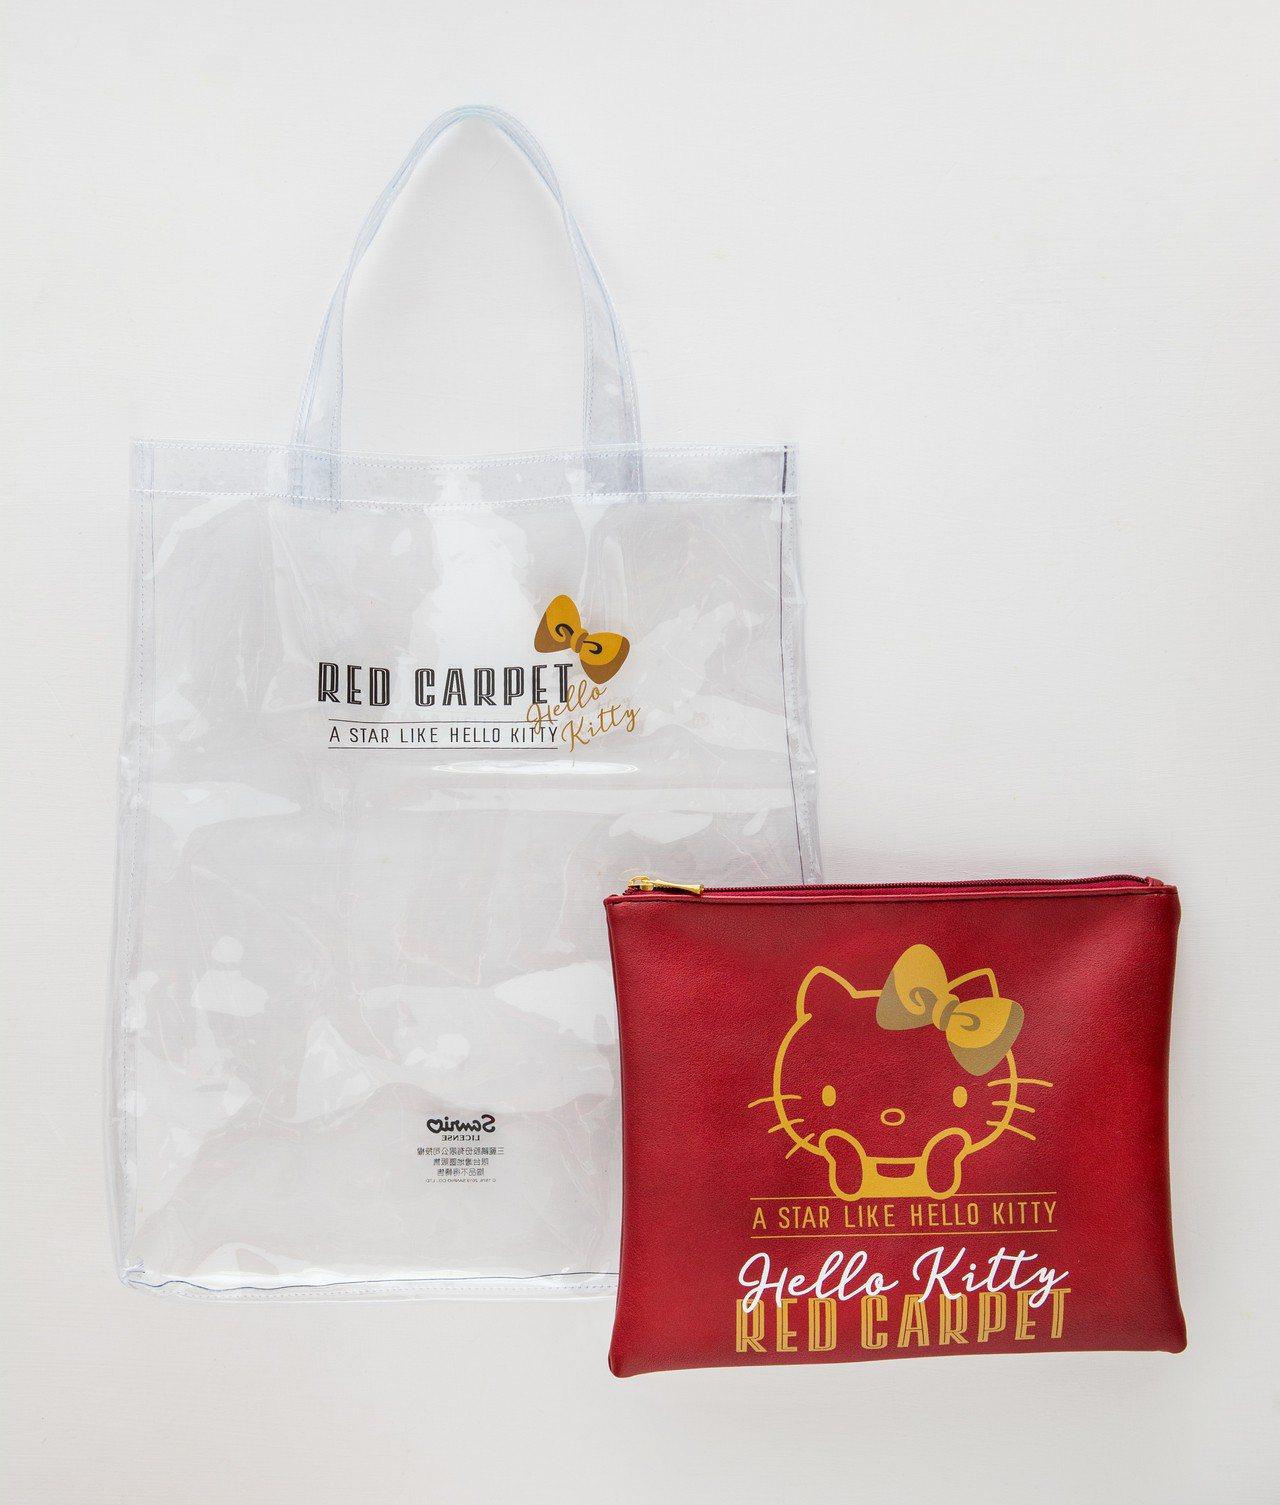 周年慶套餐送的Red Carpet透明袋中袋。圖/威秀影城提供